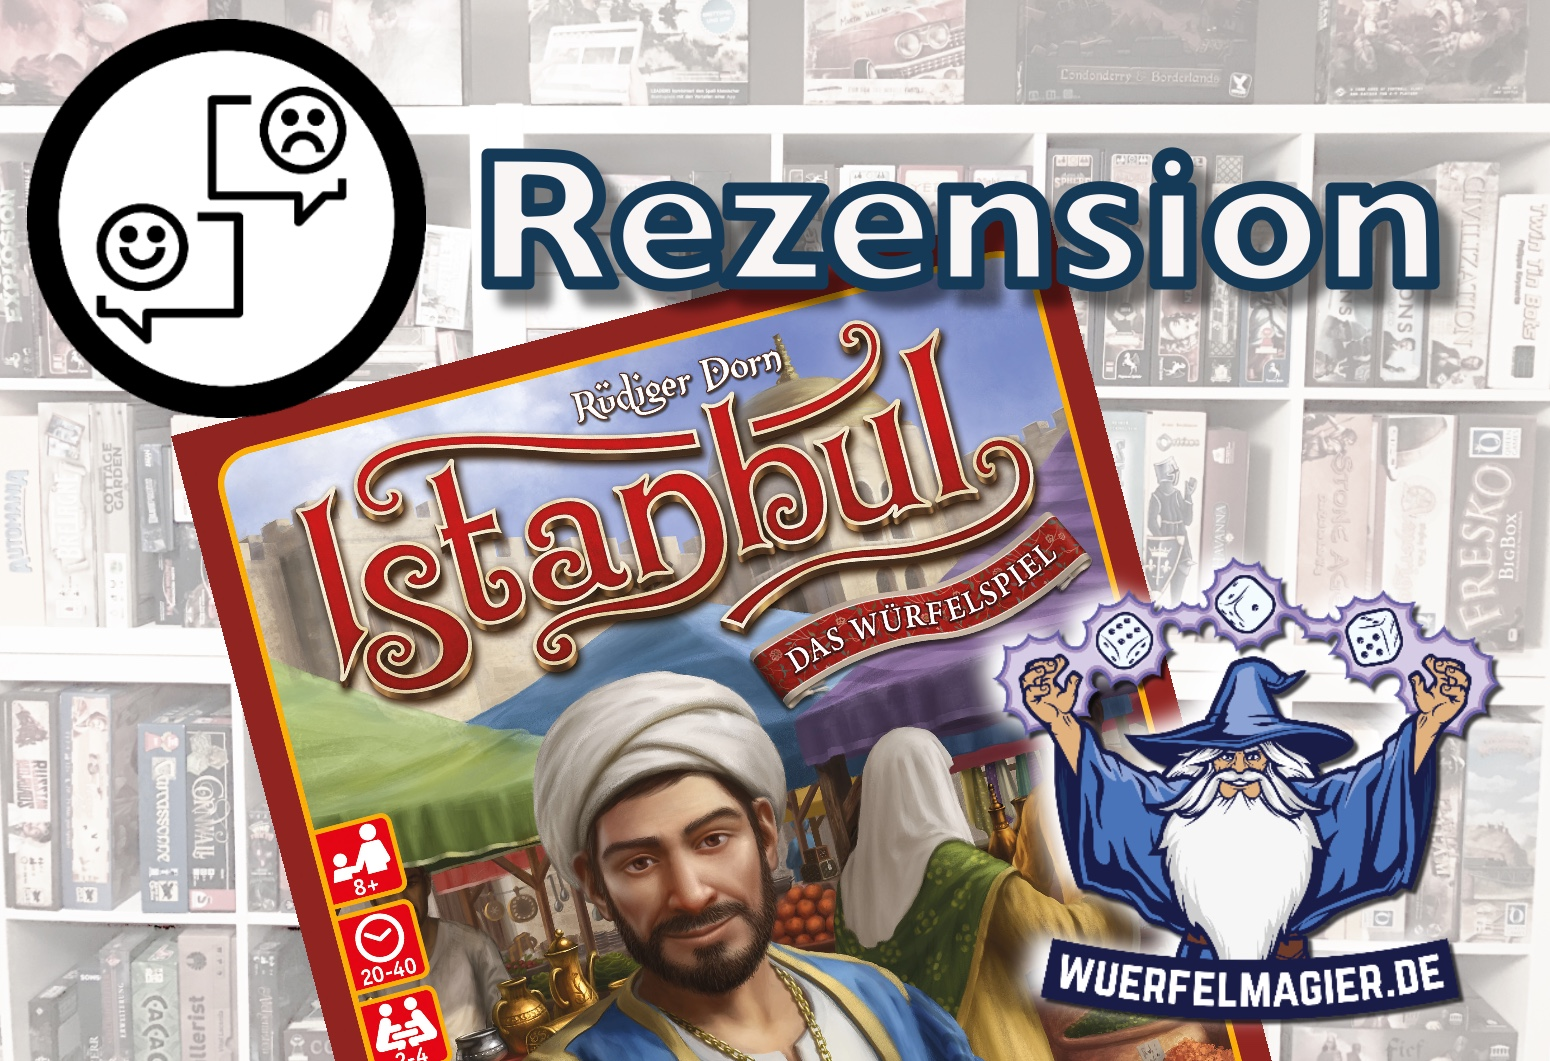 Rezension Istanbul Würfelspiel Würfelmagier Wuerfelmagier